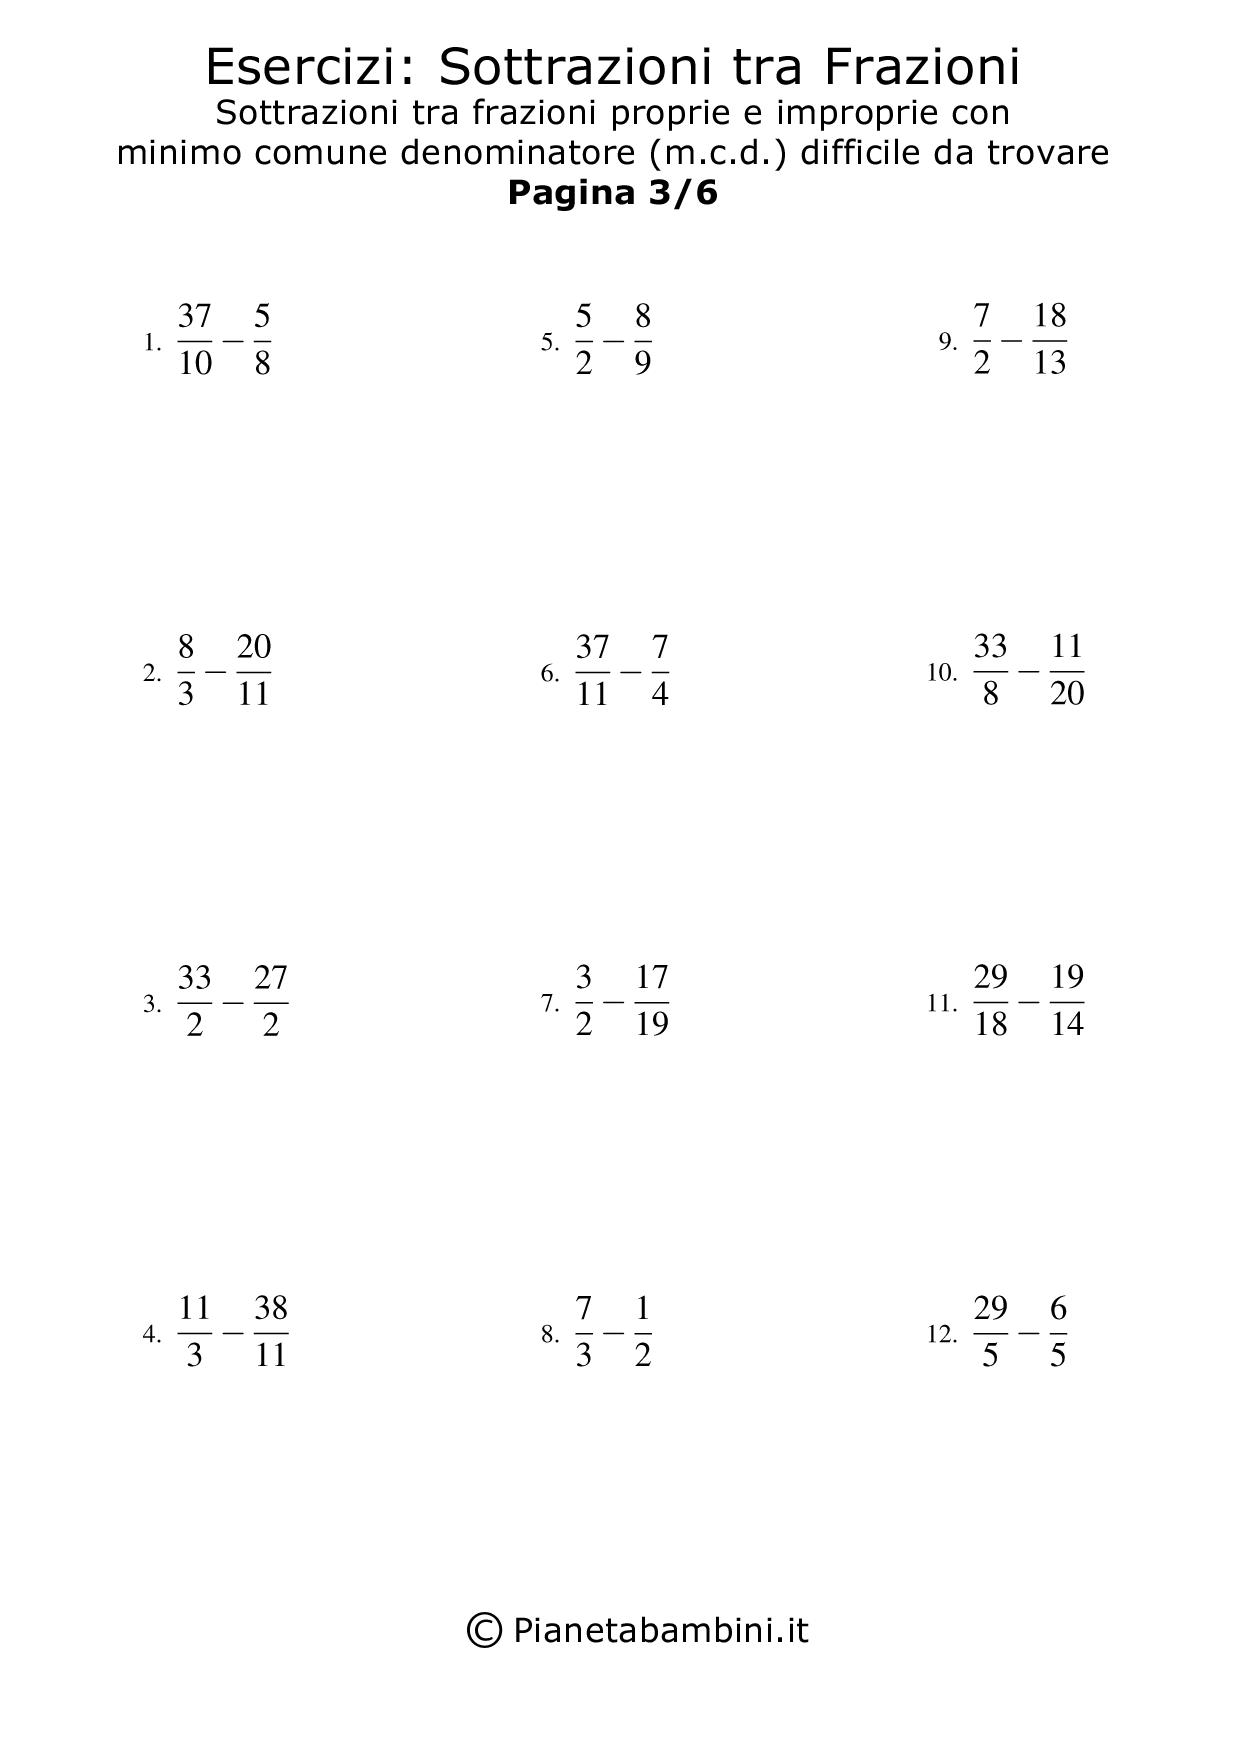 Sottrazioni-Frazioni-m.c.d.-Difficile_3